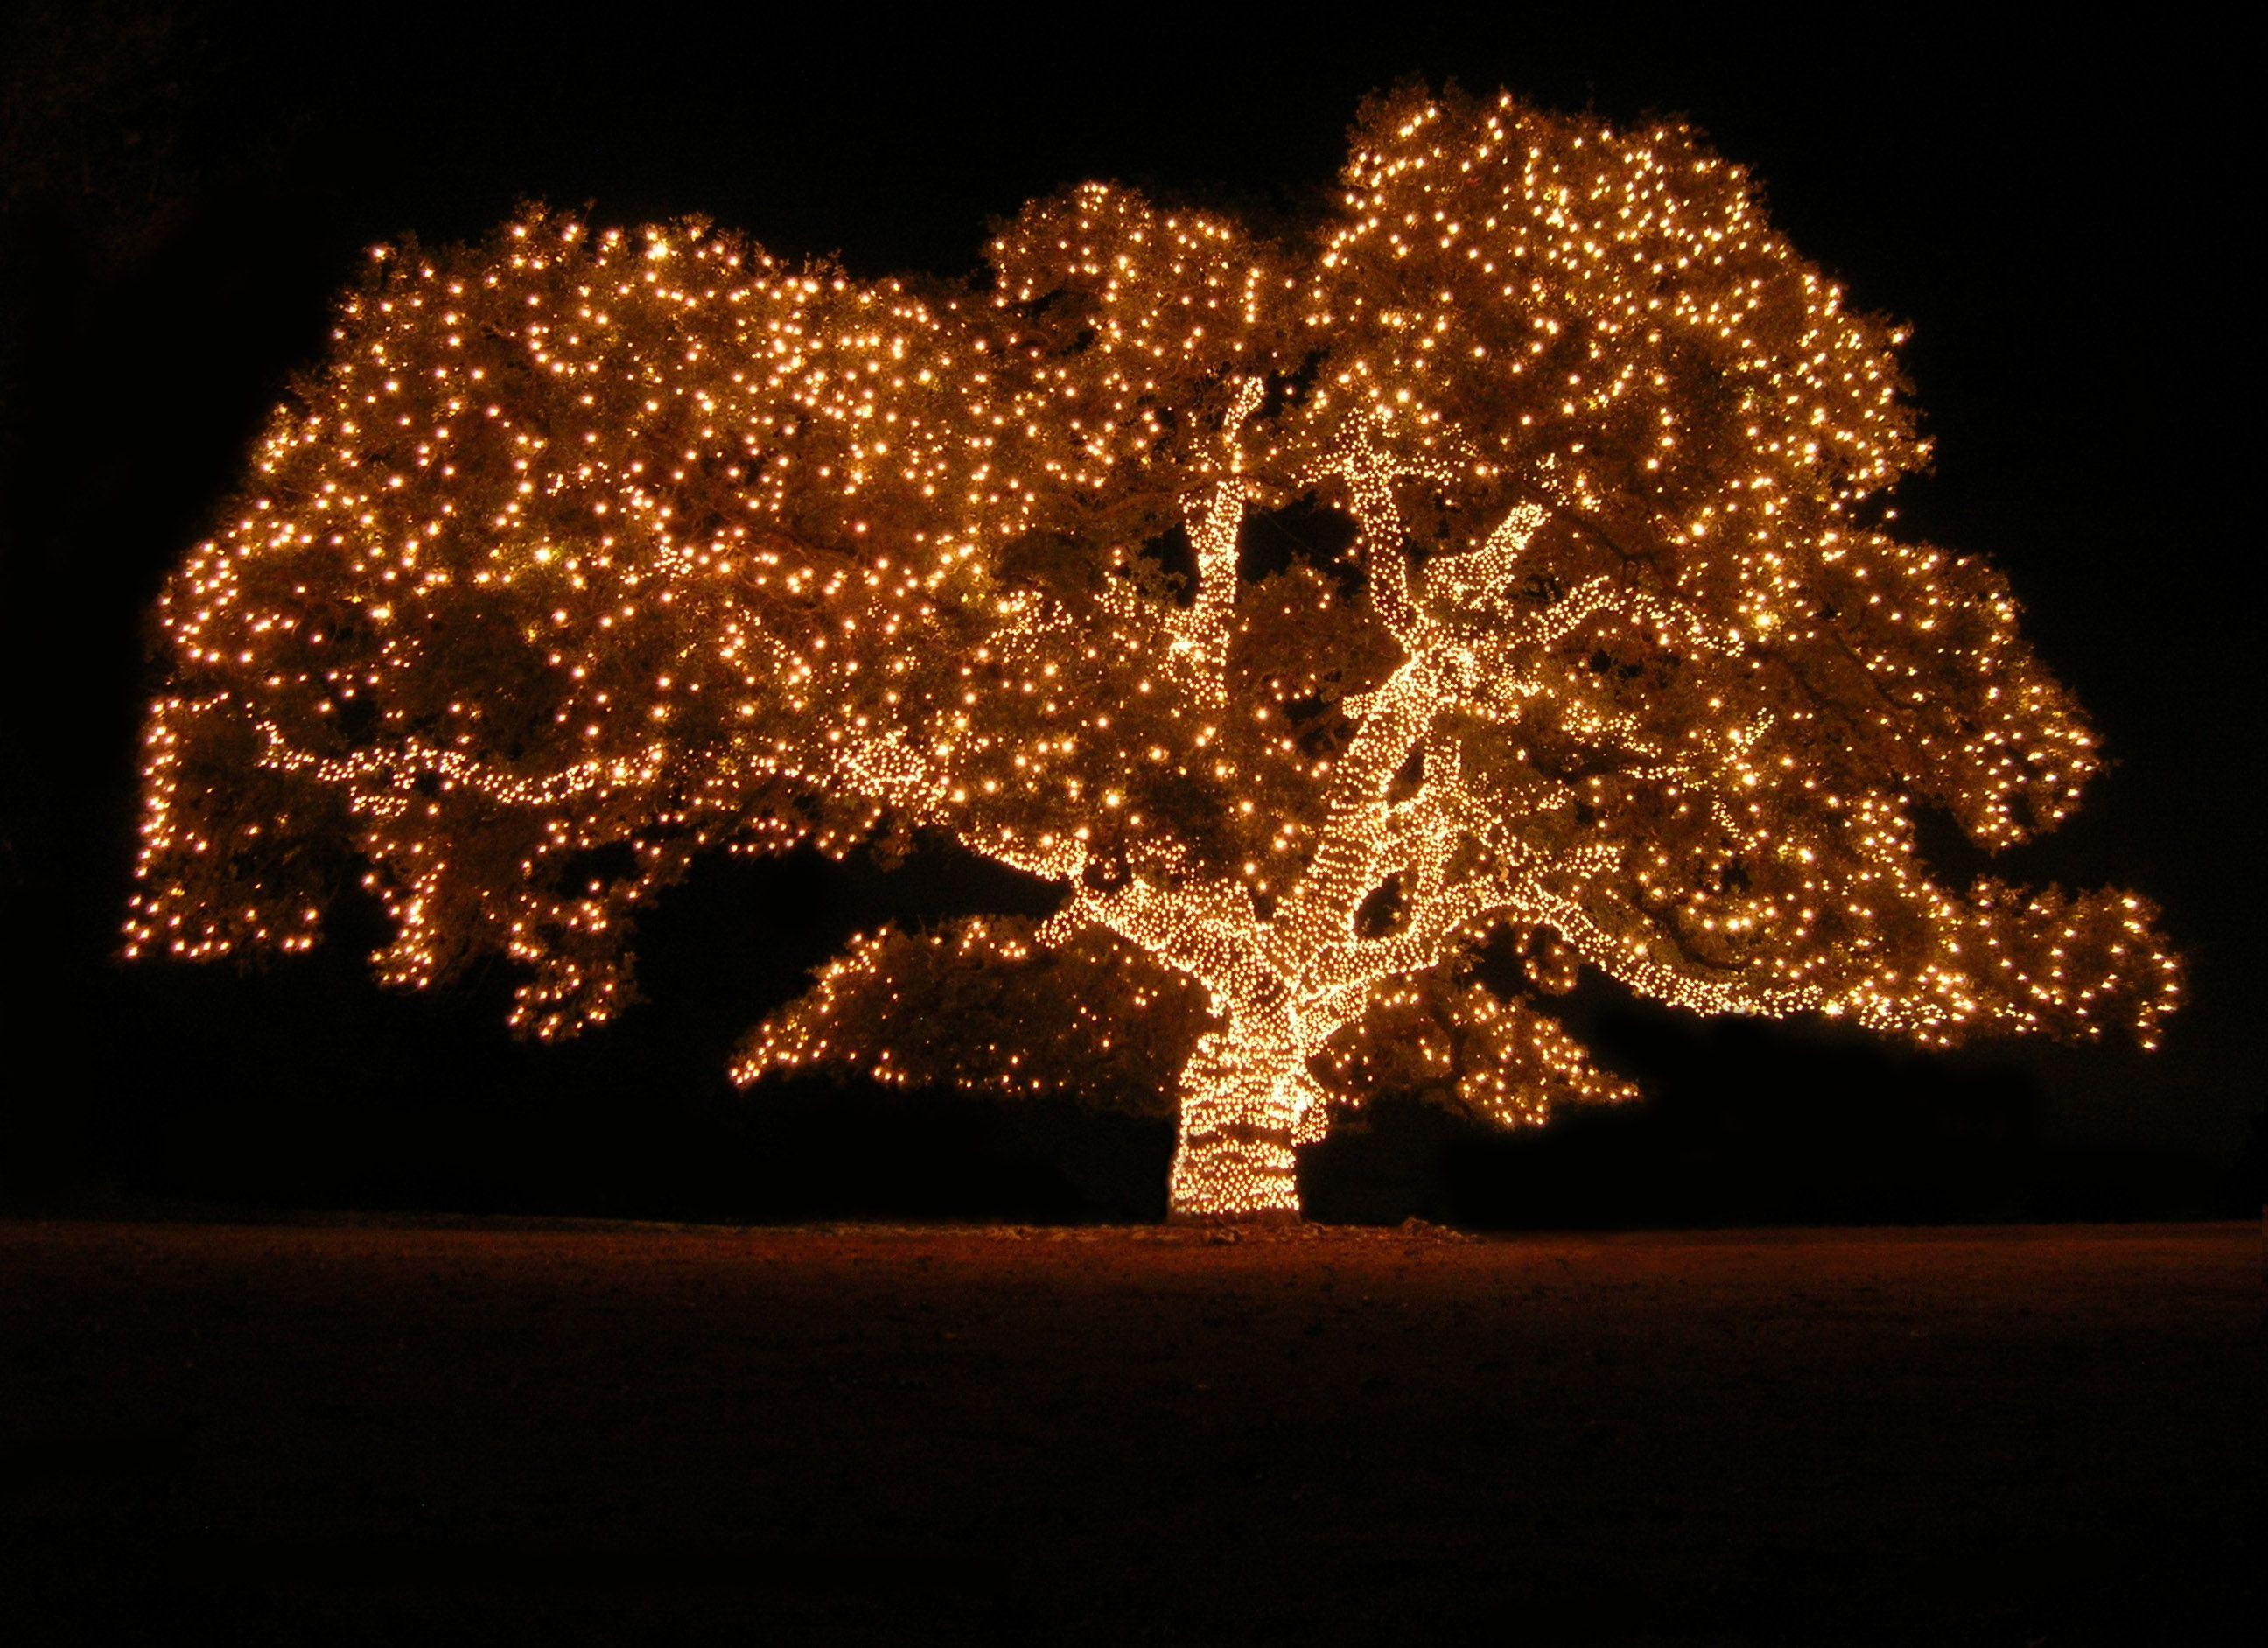 White Christmas Lights Walmart Batteriebetriebene Led Weihnachtsbeleuchtung Gunstig White Christmas Trees Animated Beleuchtete Baume Baumdeko Weihnachtslichter